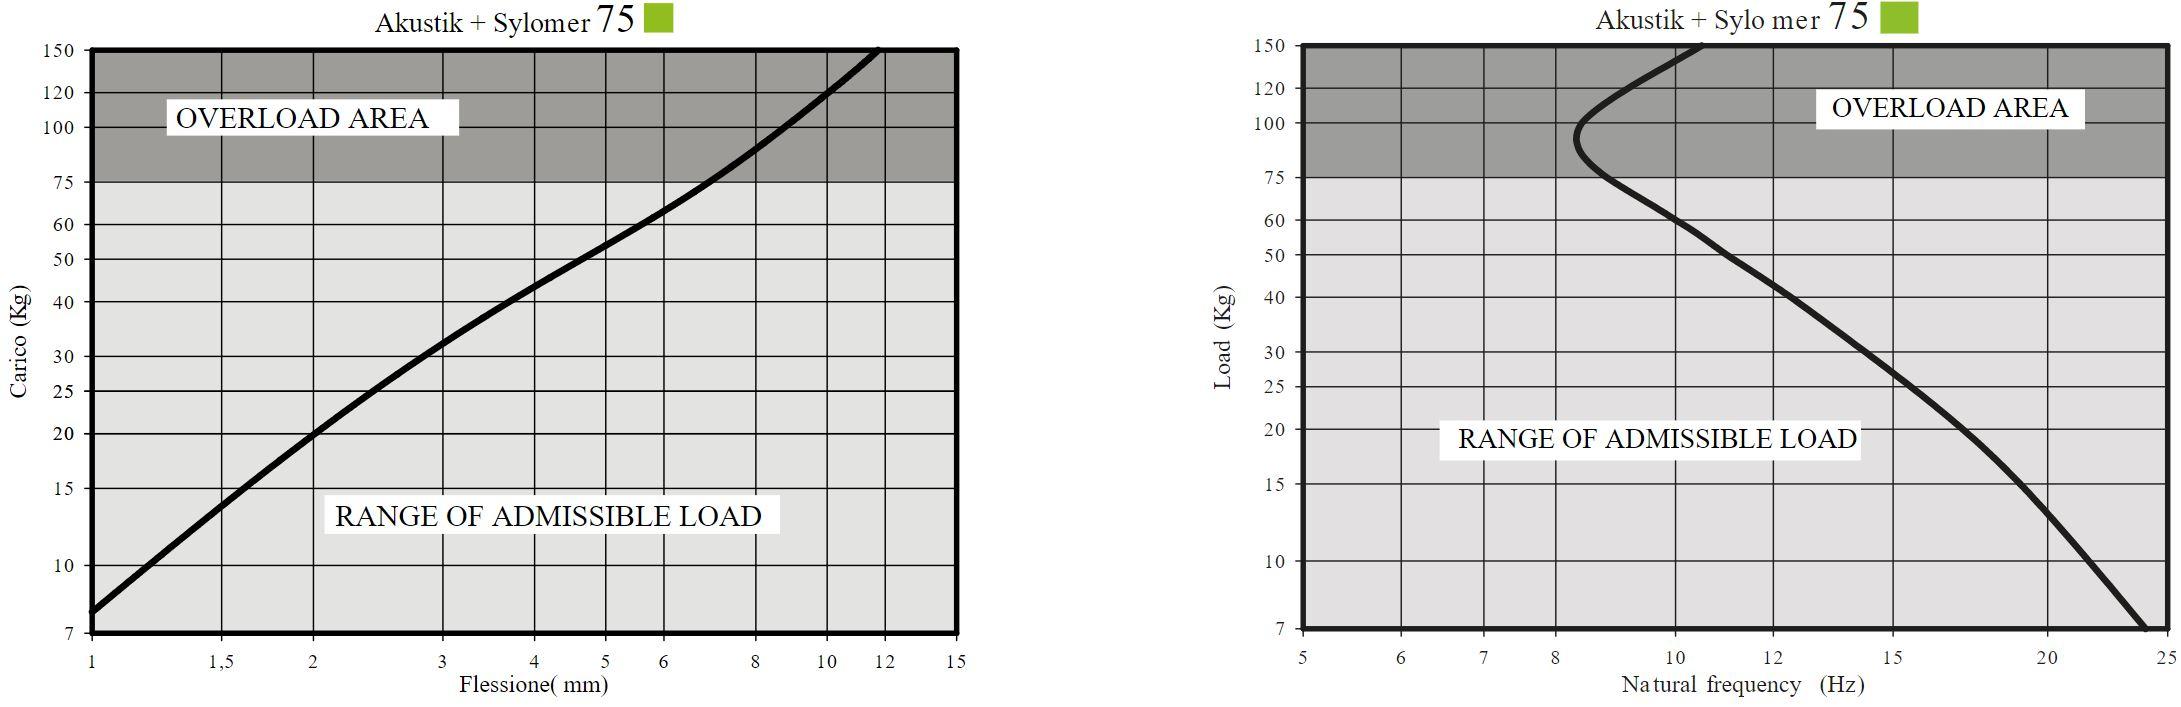 Akustik Safety + Sylomer Curve 2